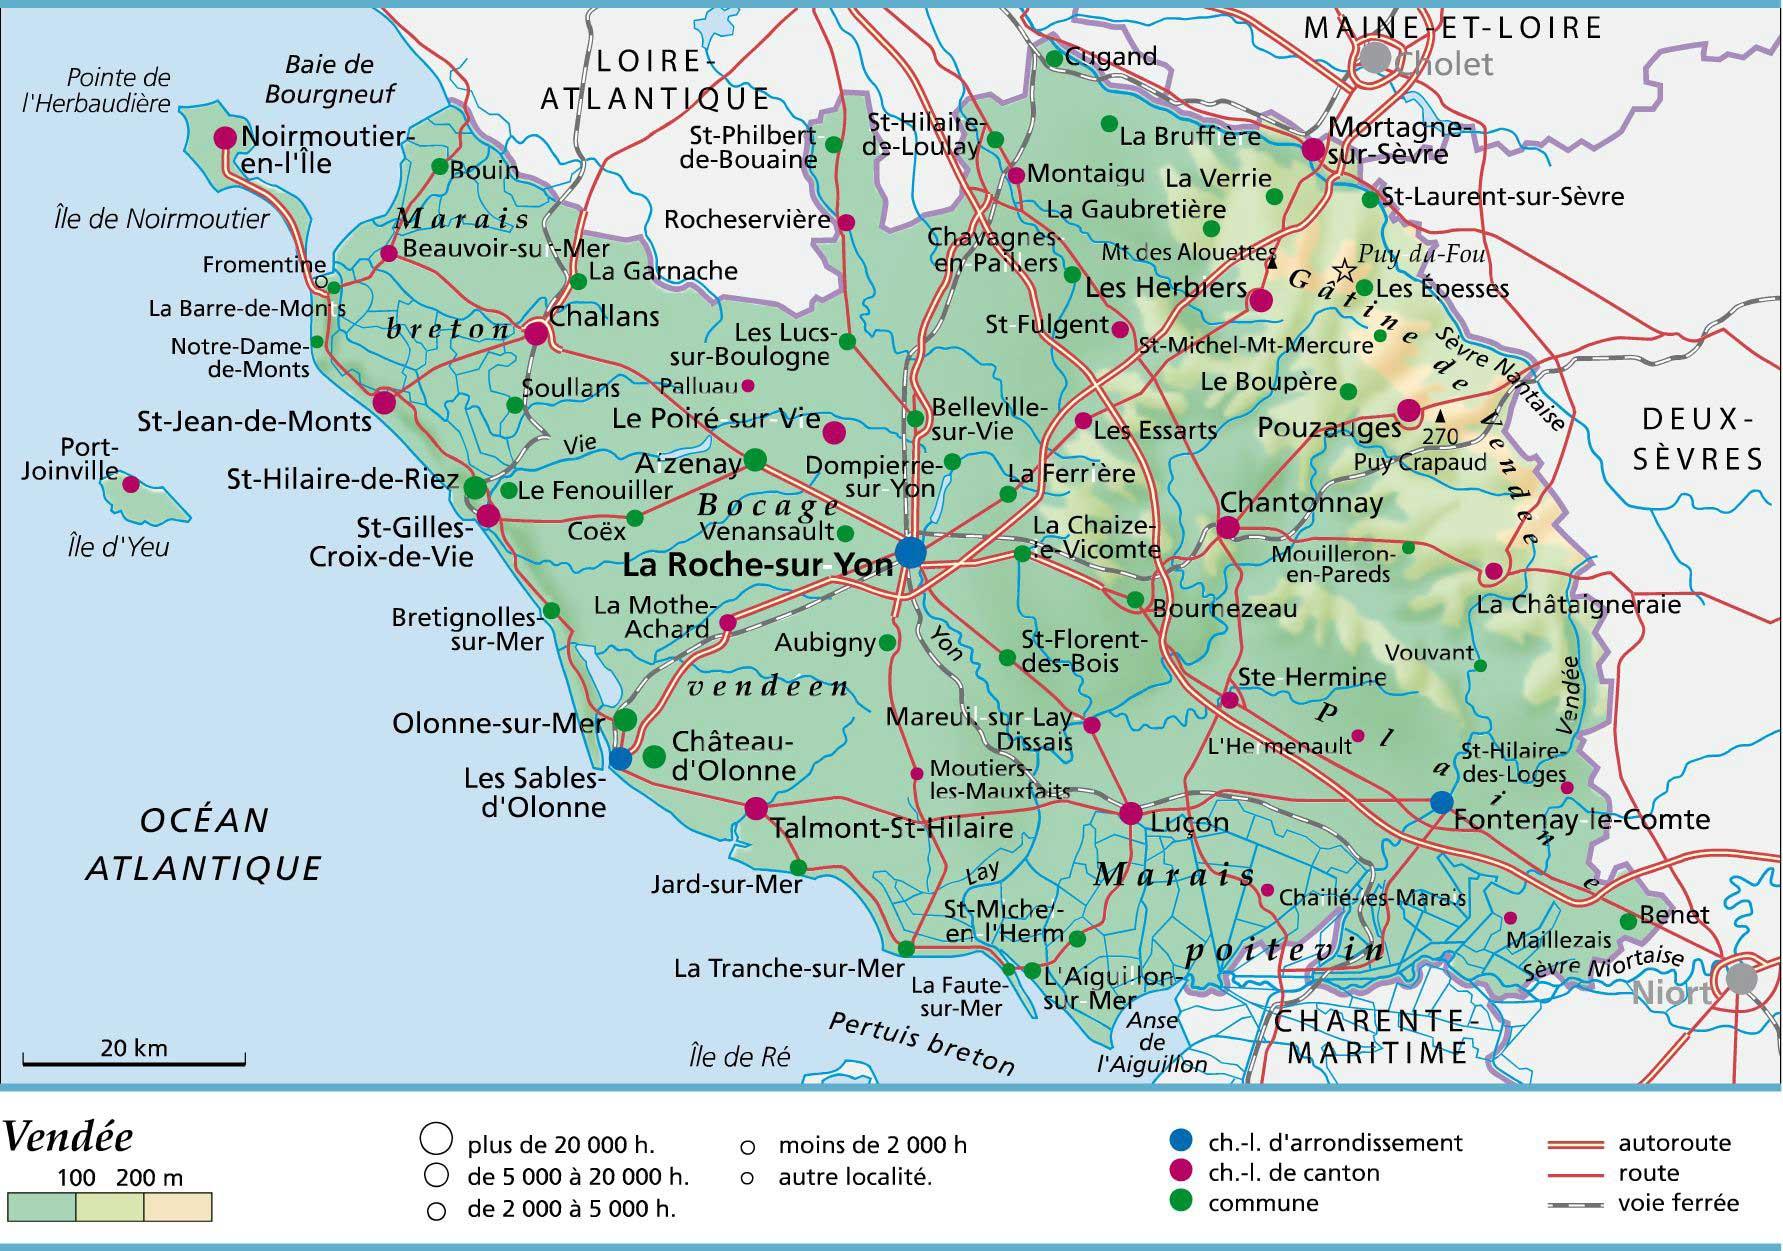 carte de vendée 85 Carte   Département Vendée » Vacances   Arts  Guides Voyages